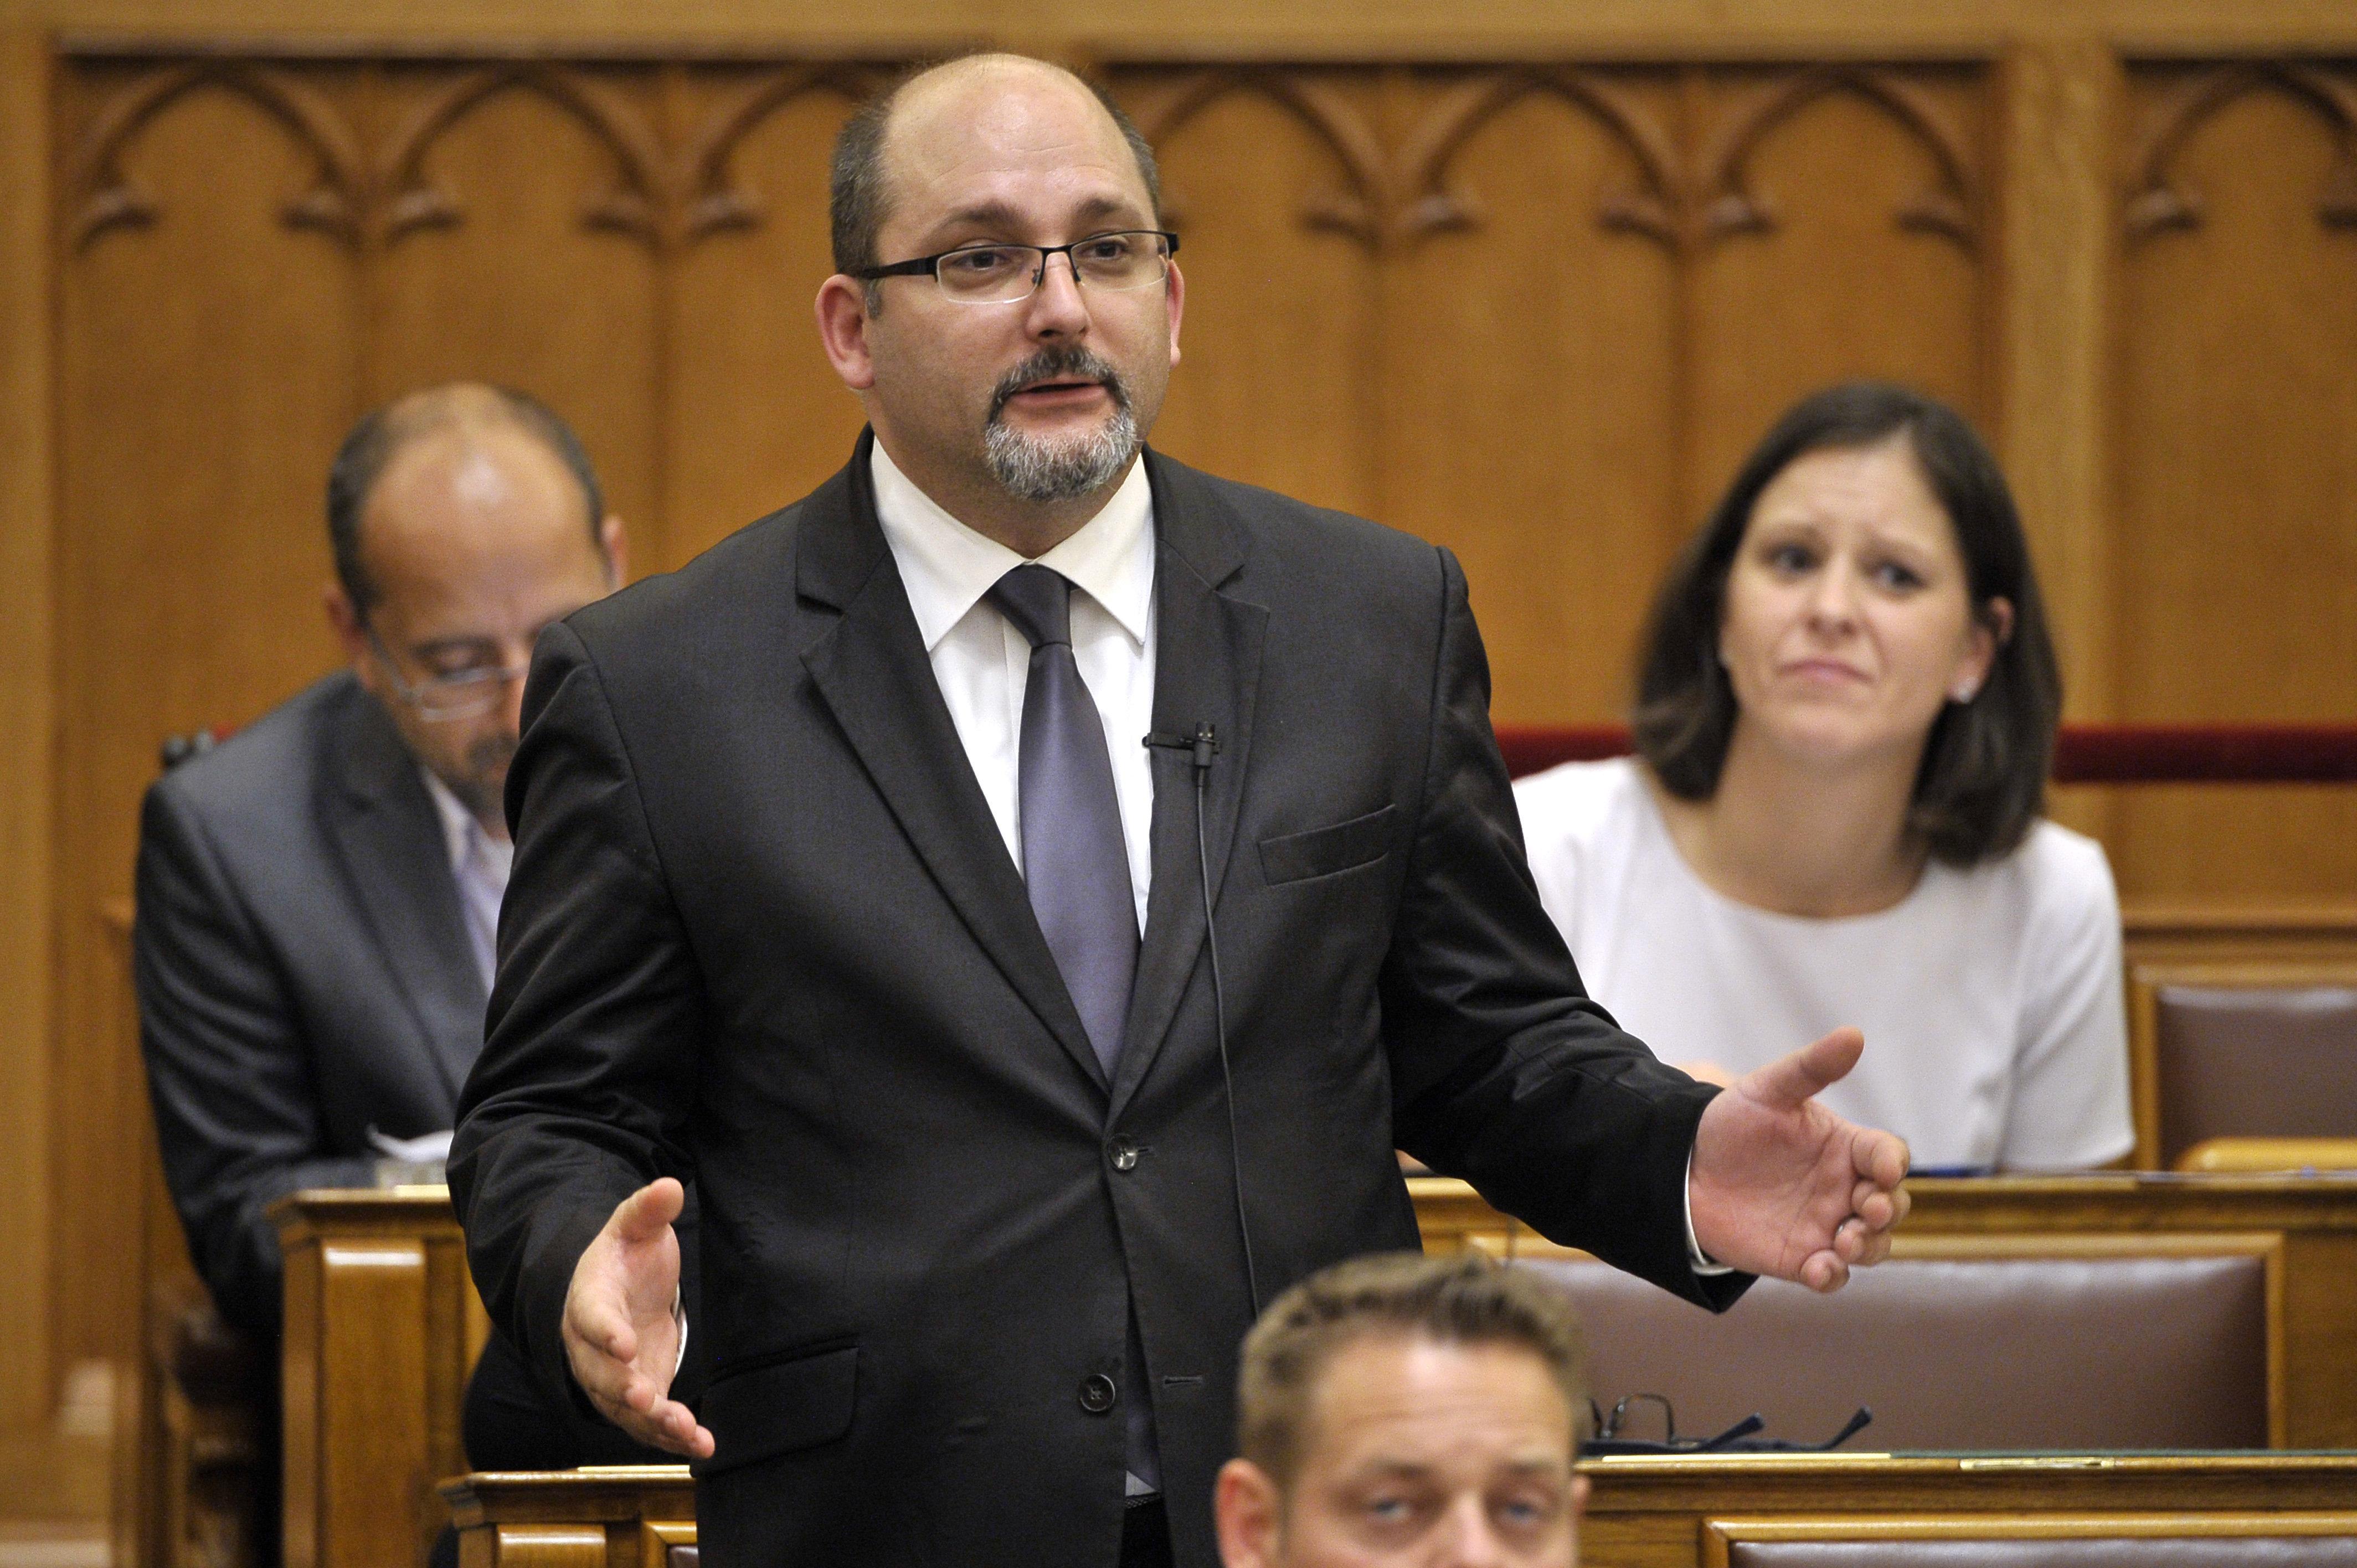 Megintették Csárdi Antalt a parlamentben, mert kurvázó kormánypártokról beszélt, miközben Orbánt kérdezte